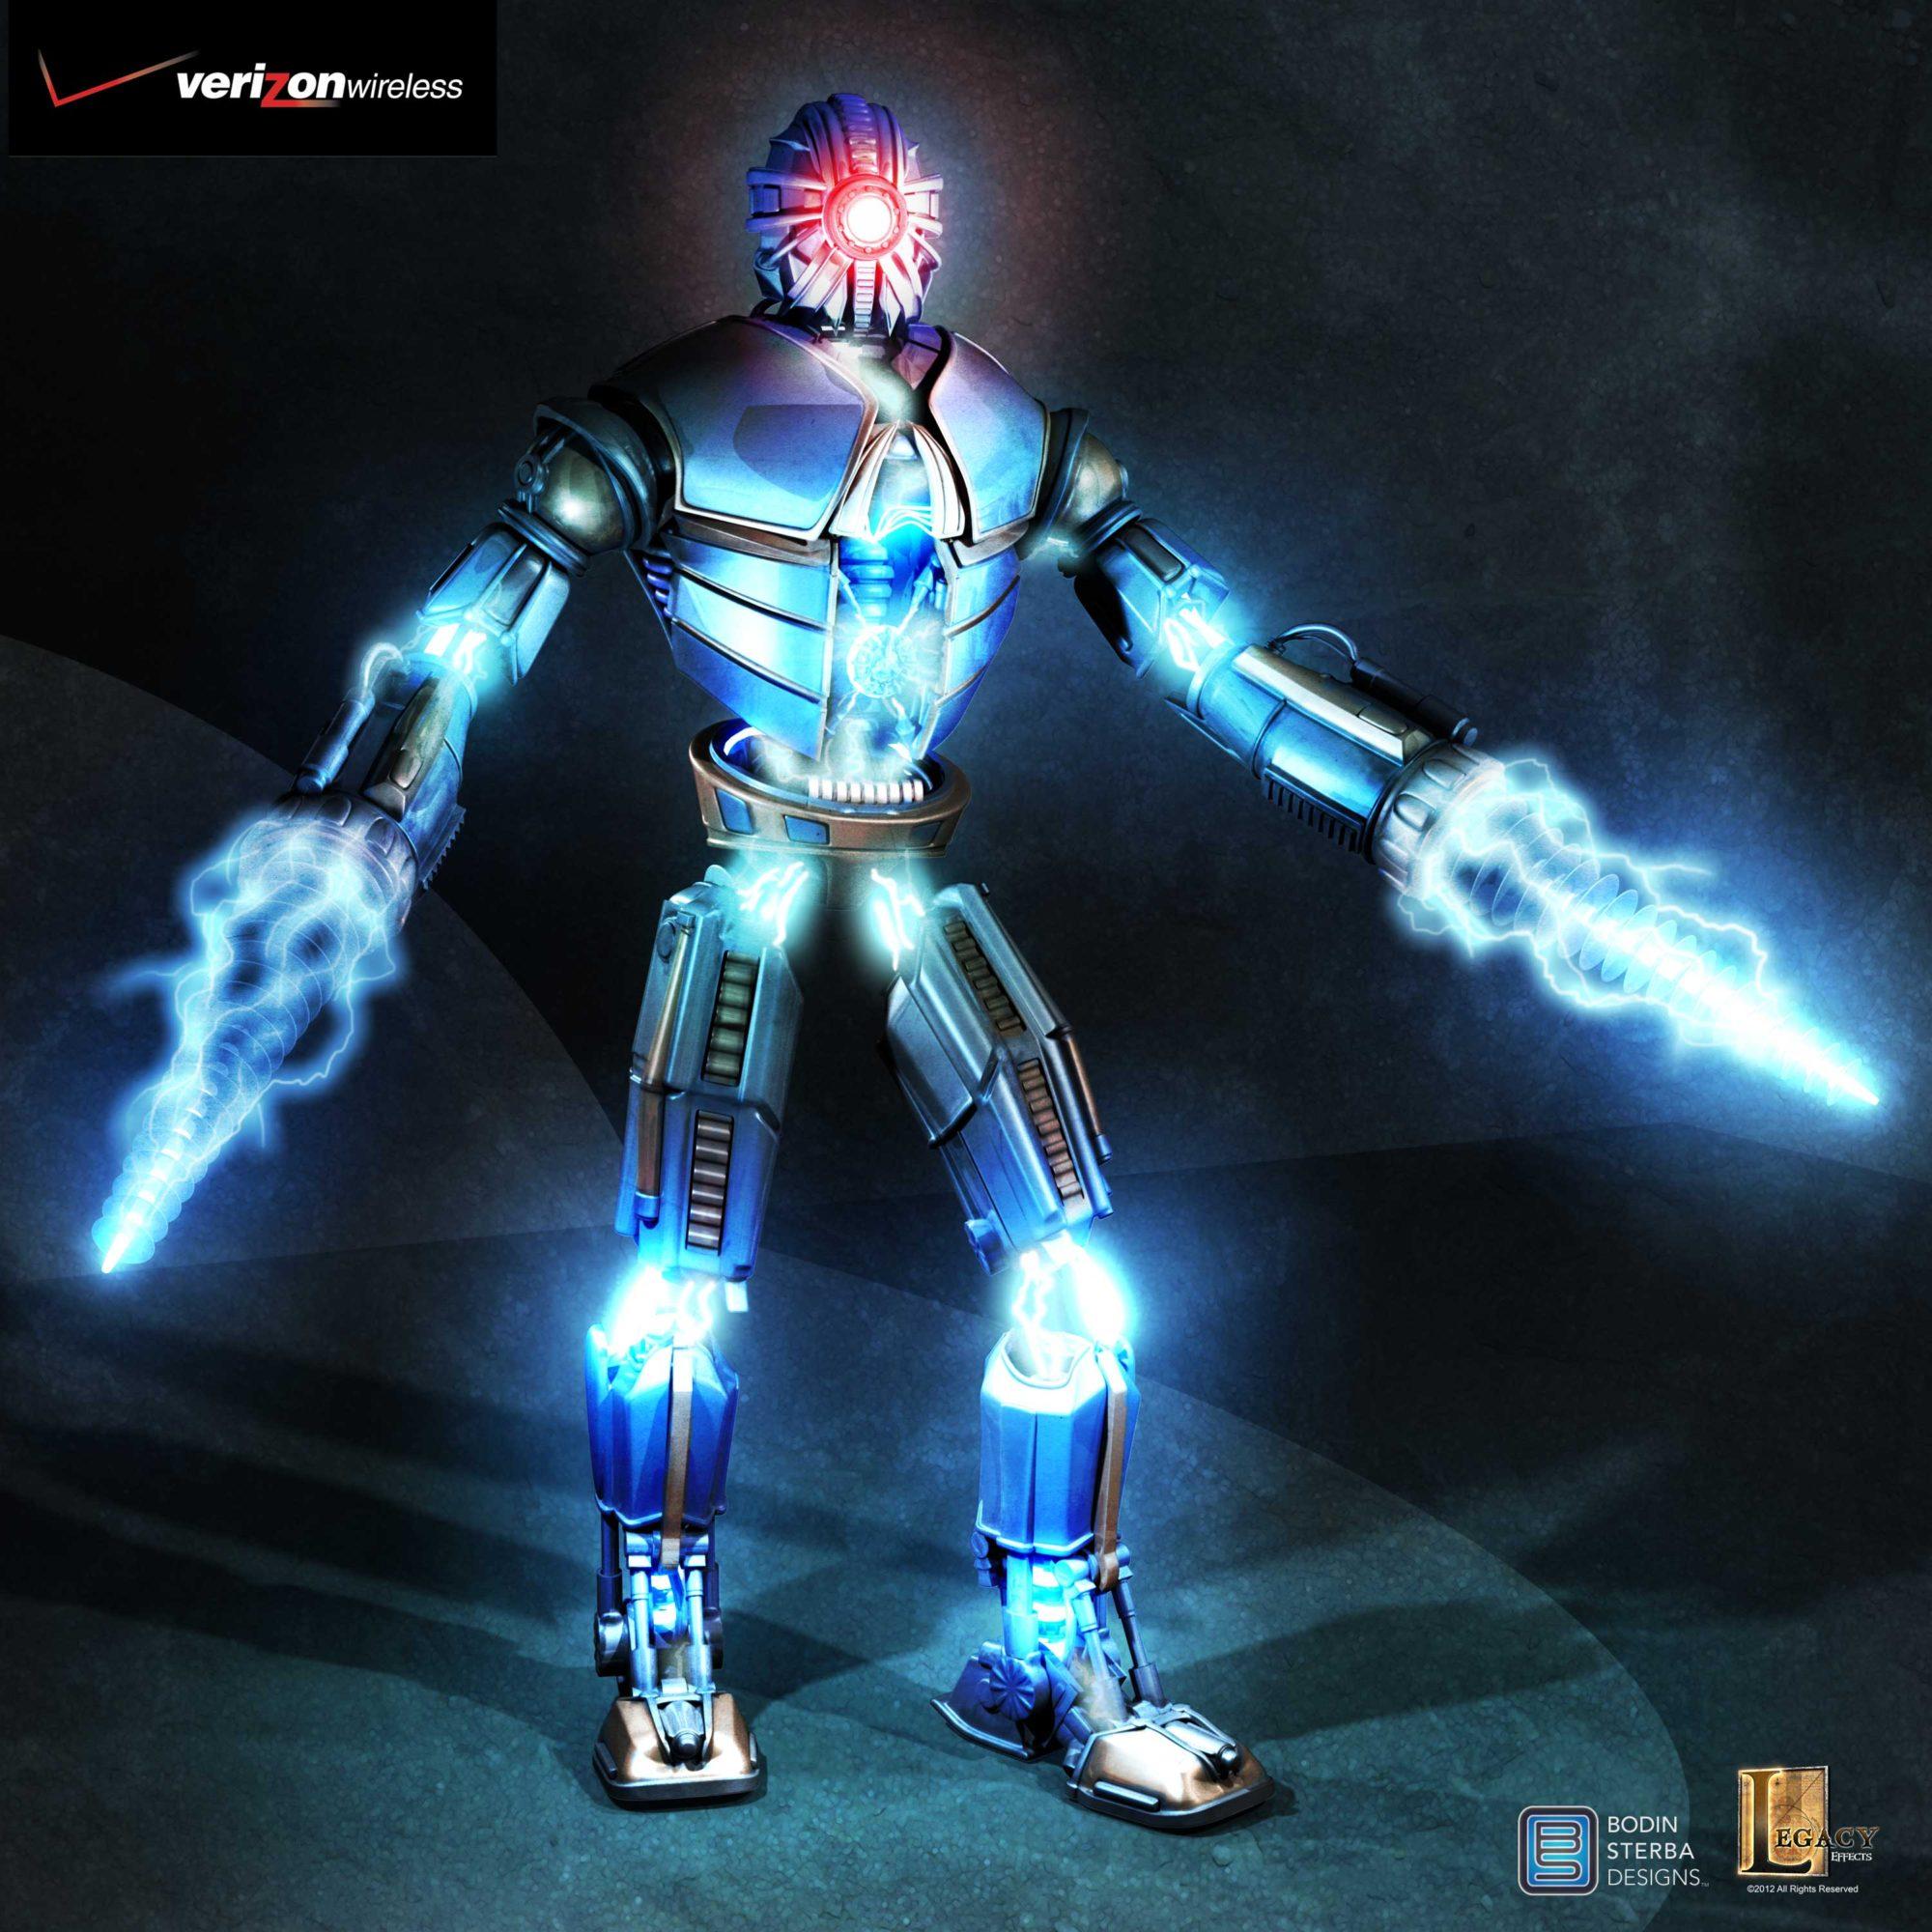 Verizon 4GE robot concept v04.2 designed for Legacy Effects.